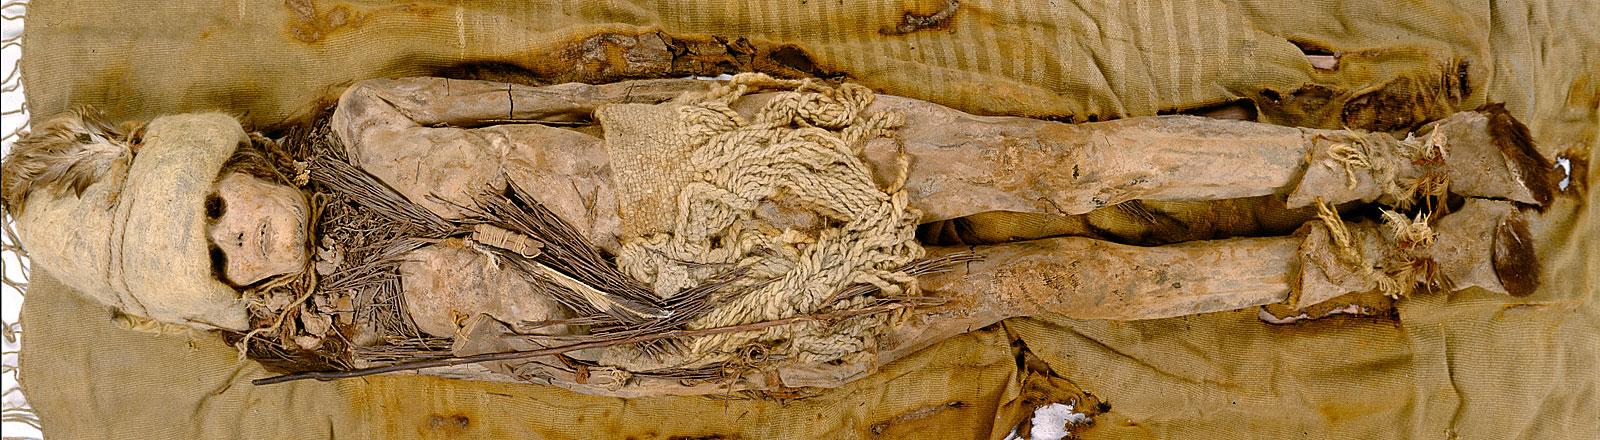 Die mumifizierte Leiche einer Frau aus dem Gräberfeld Xiaohe in der westchinesischen Region Xinjian liegt am 10.05.2006 auf einem Tuch. Um den Hals liegen Bröckchen von 4000 Jahre altem Käse.